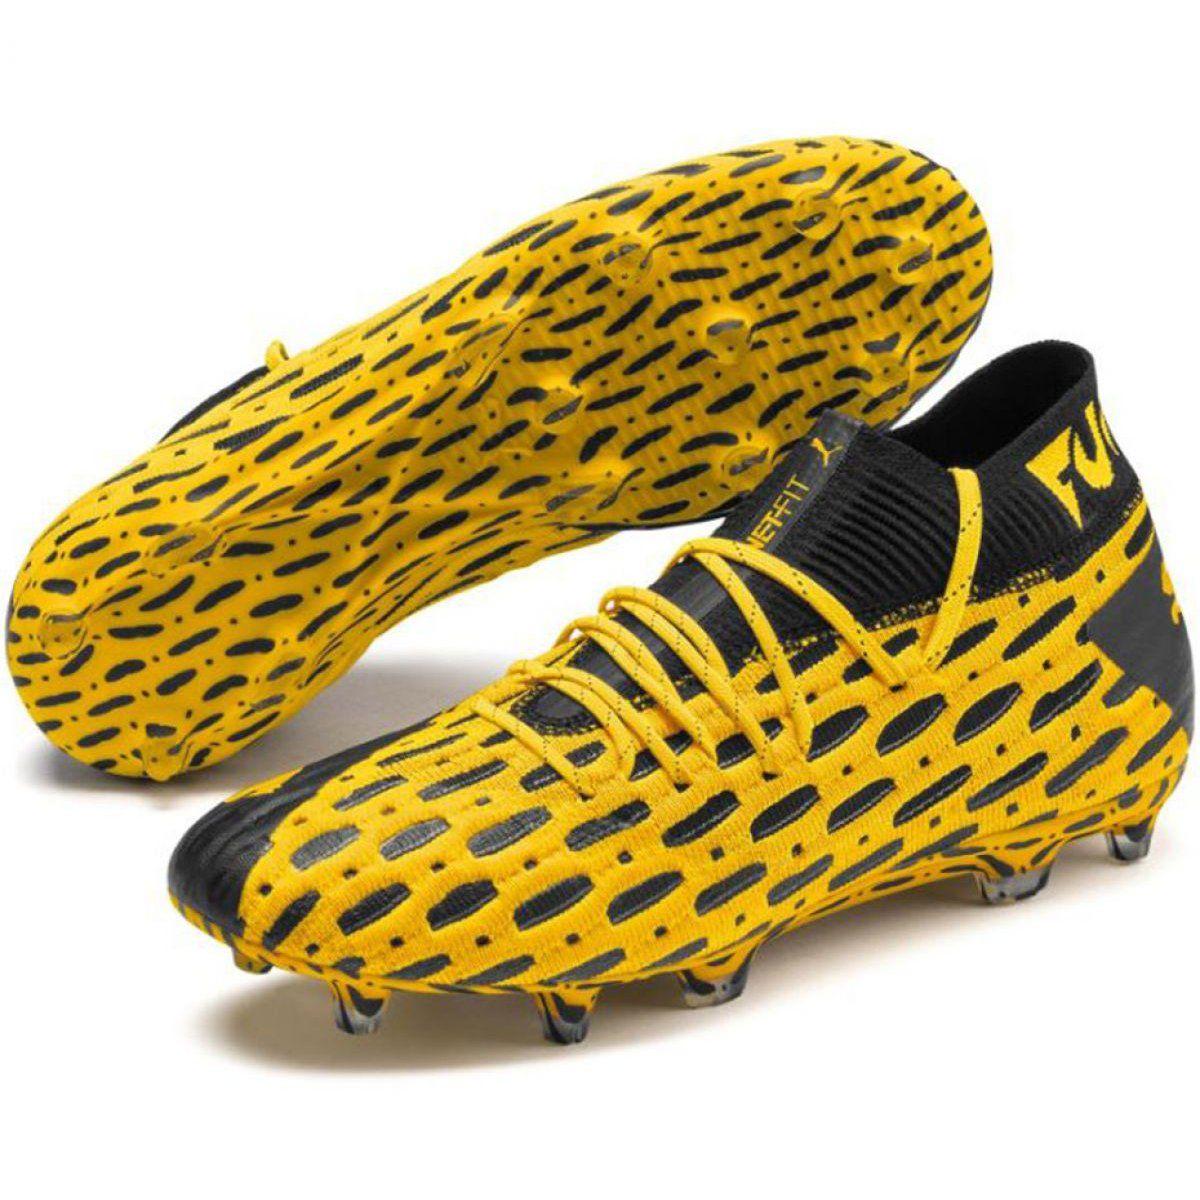 Buty Pilkarskie Puma Future 5 1 Netfit Fg Ag M 105755 03 Zolte Zolte Mens Football Boots Football Boots Football Fashion